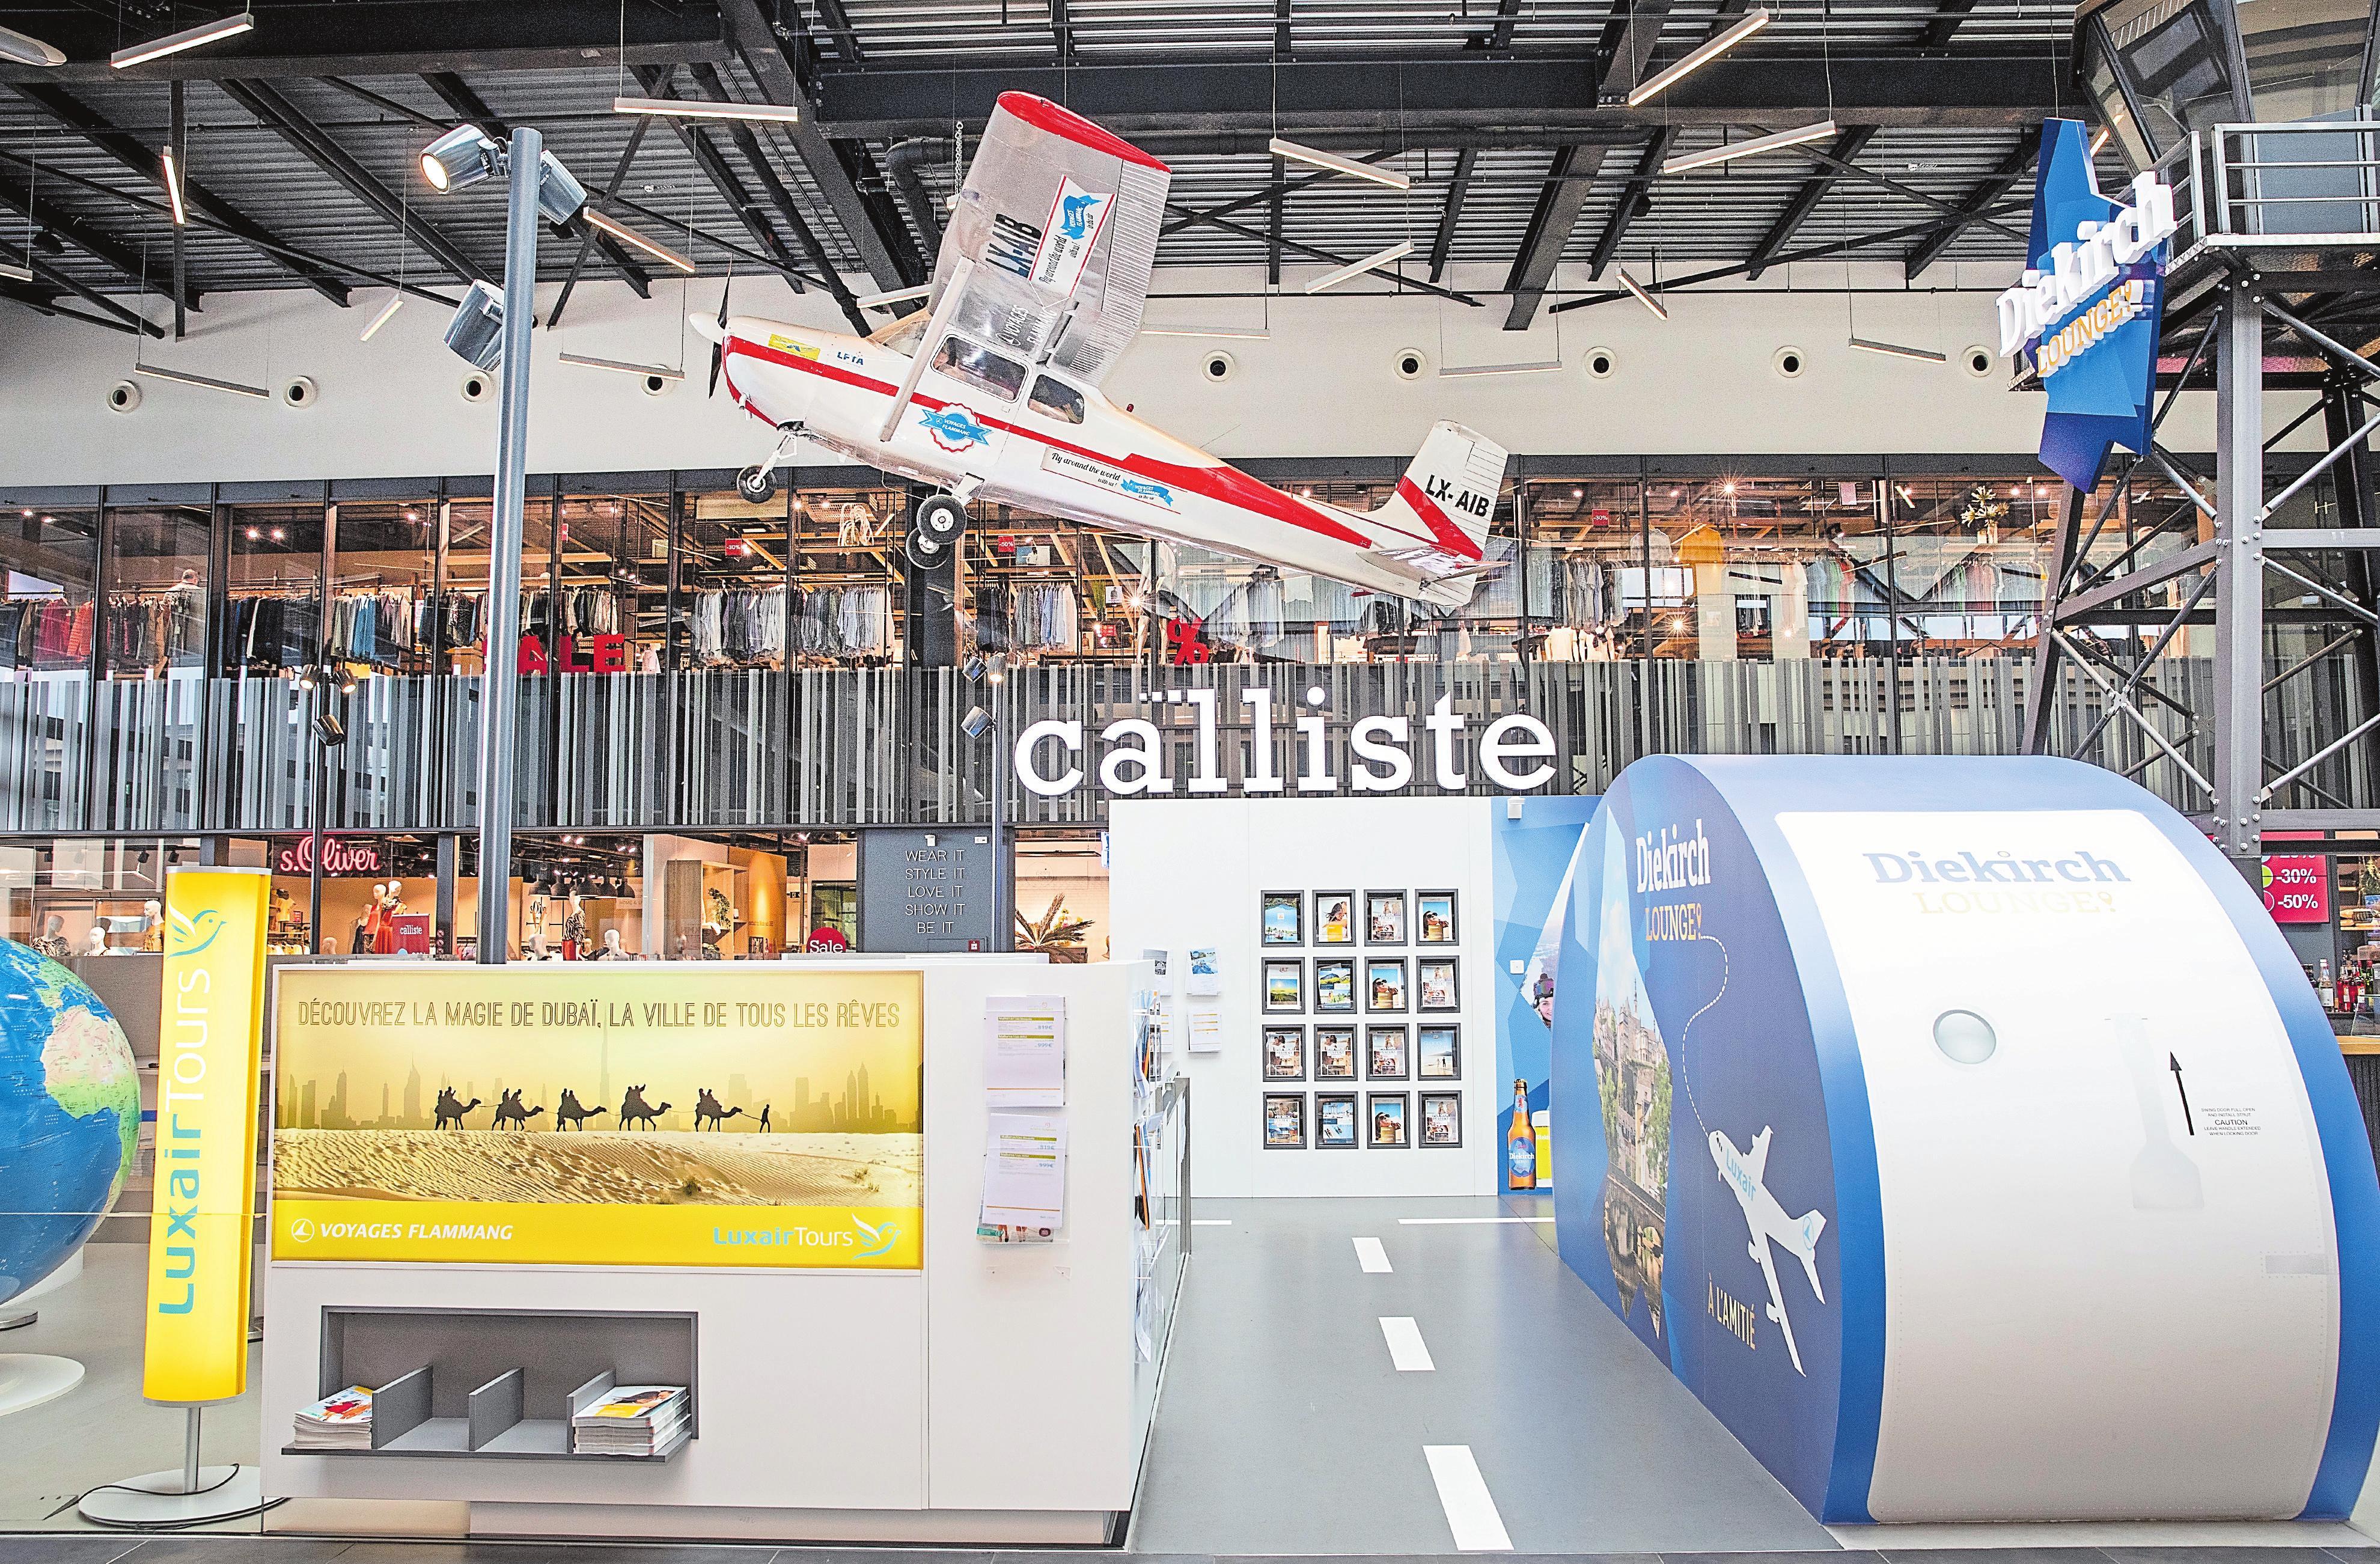 Die große Galerie ist ein kompletter Rundgang mit vielen Geschäften. Steve Eastwood